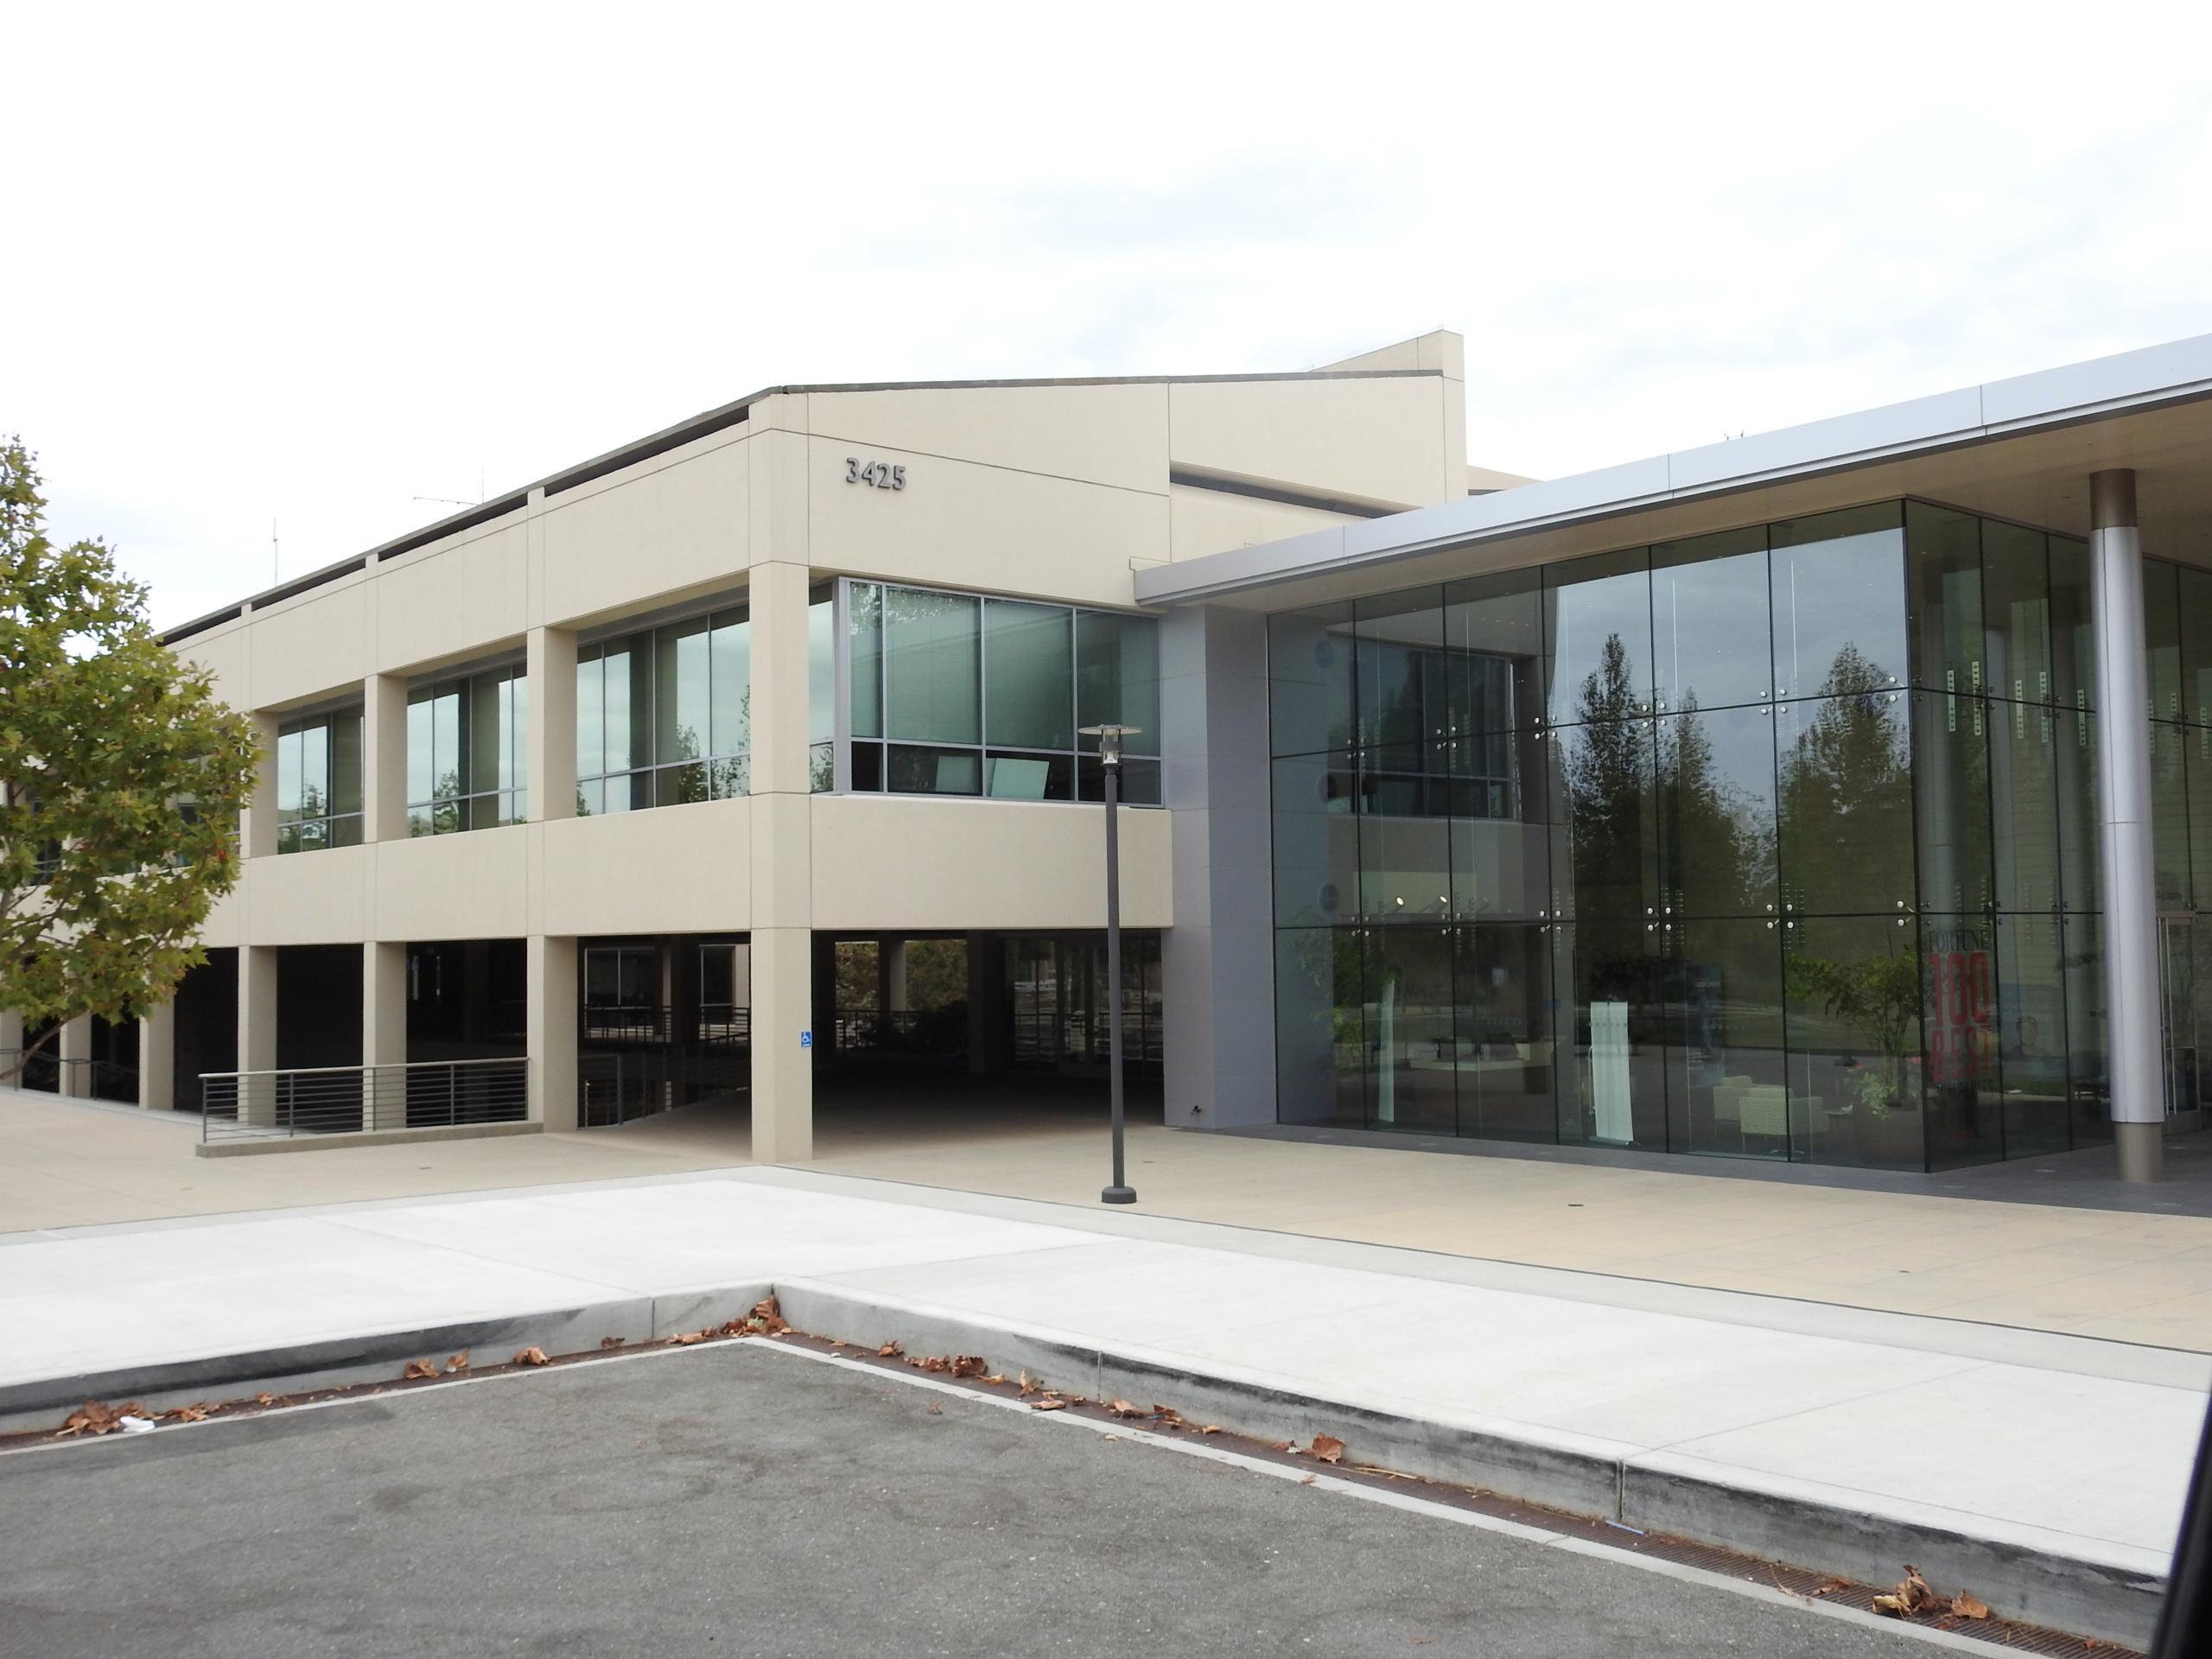 VMware campus building in Palo Alto, California.